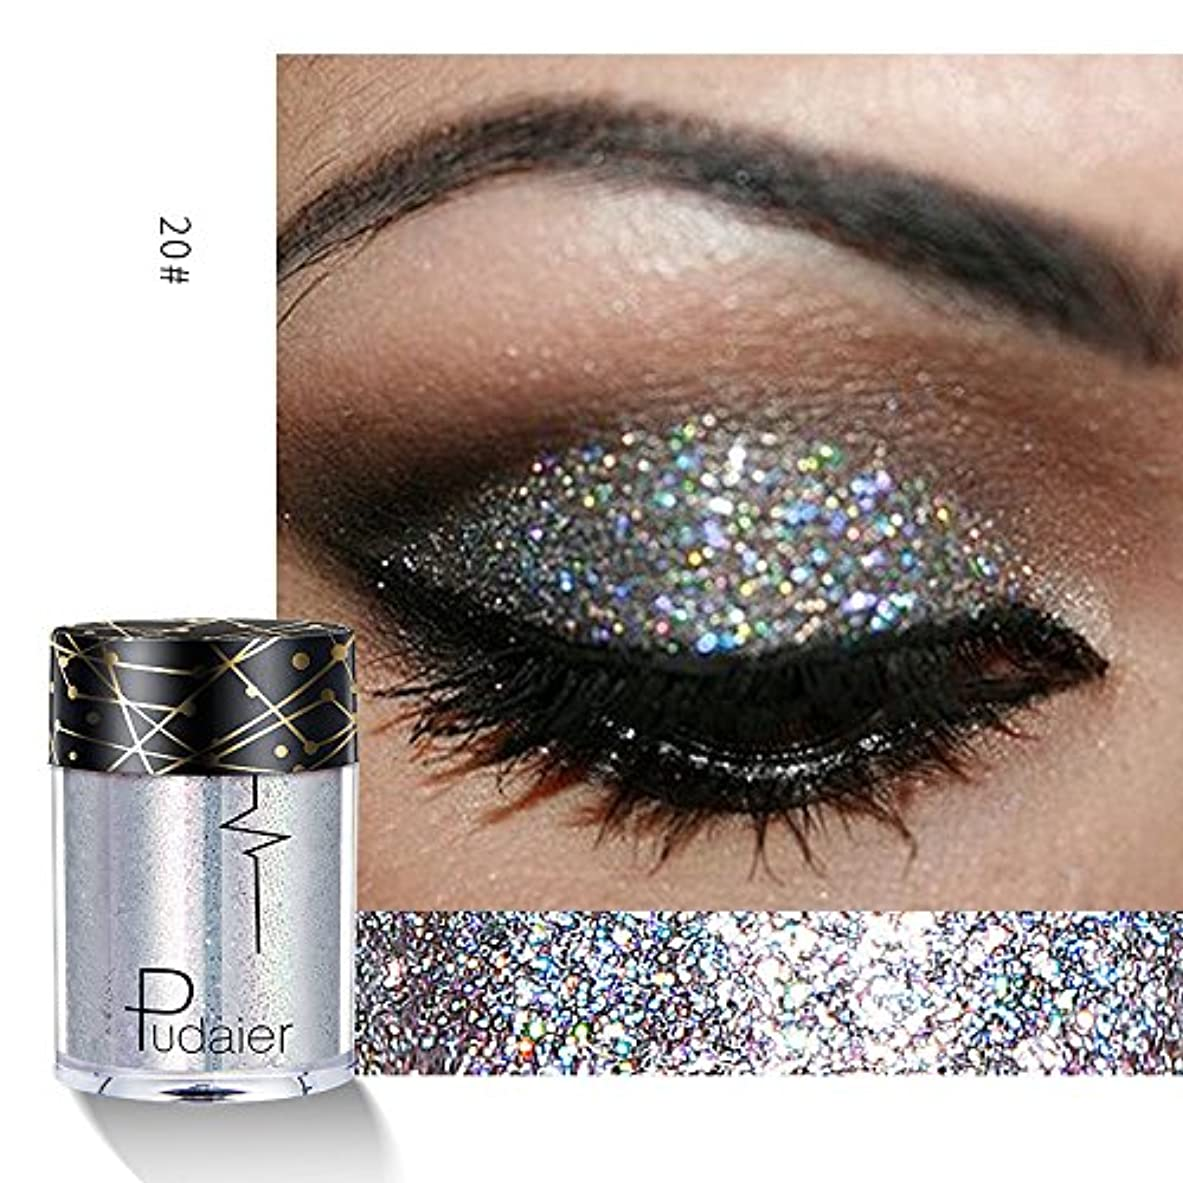 抑制アドバイス確立しますアイシャドウ Timsa ファッション 人気 ダイヤモンドグリッター リングアイズ アイシャドウ 多機能 発色が素晴らしい アイシャドー 携帯便利 極め細かい 唇にも適用 化粧セット 多色選択 (20#)